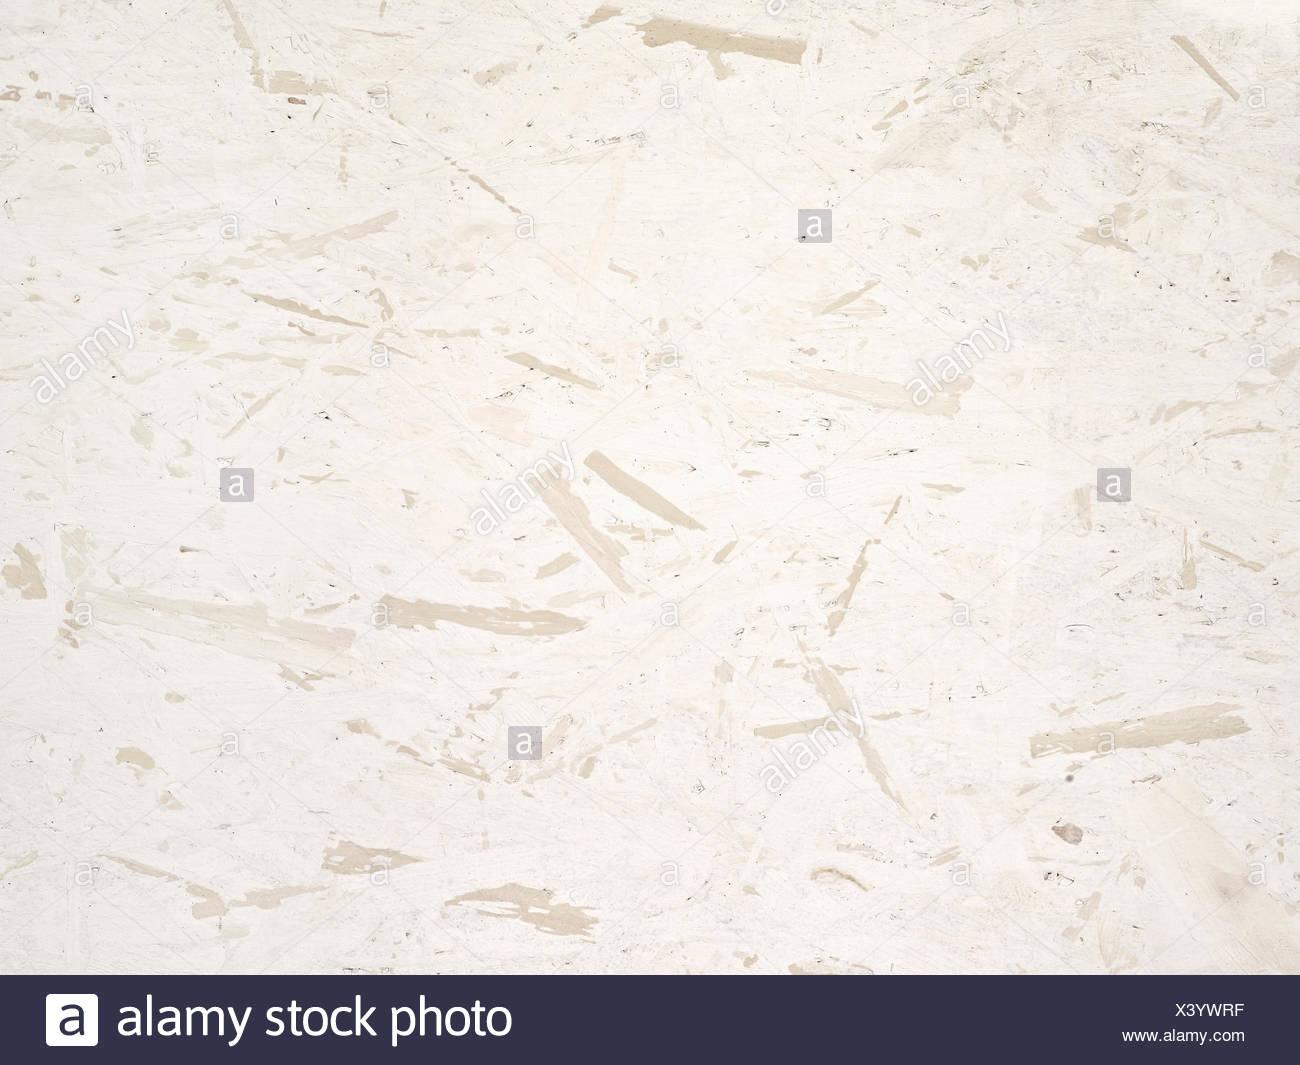 weiße wand photos & weiße wand images - alamy